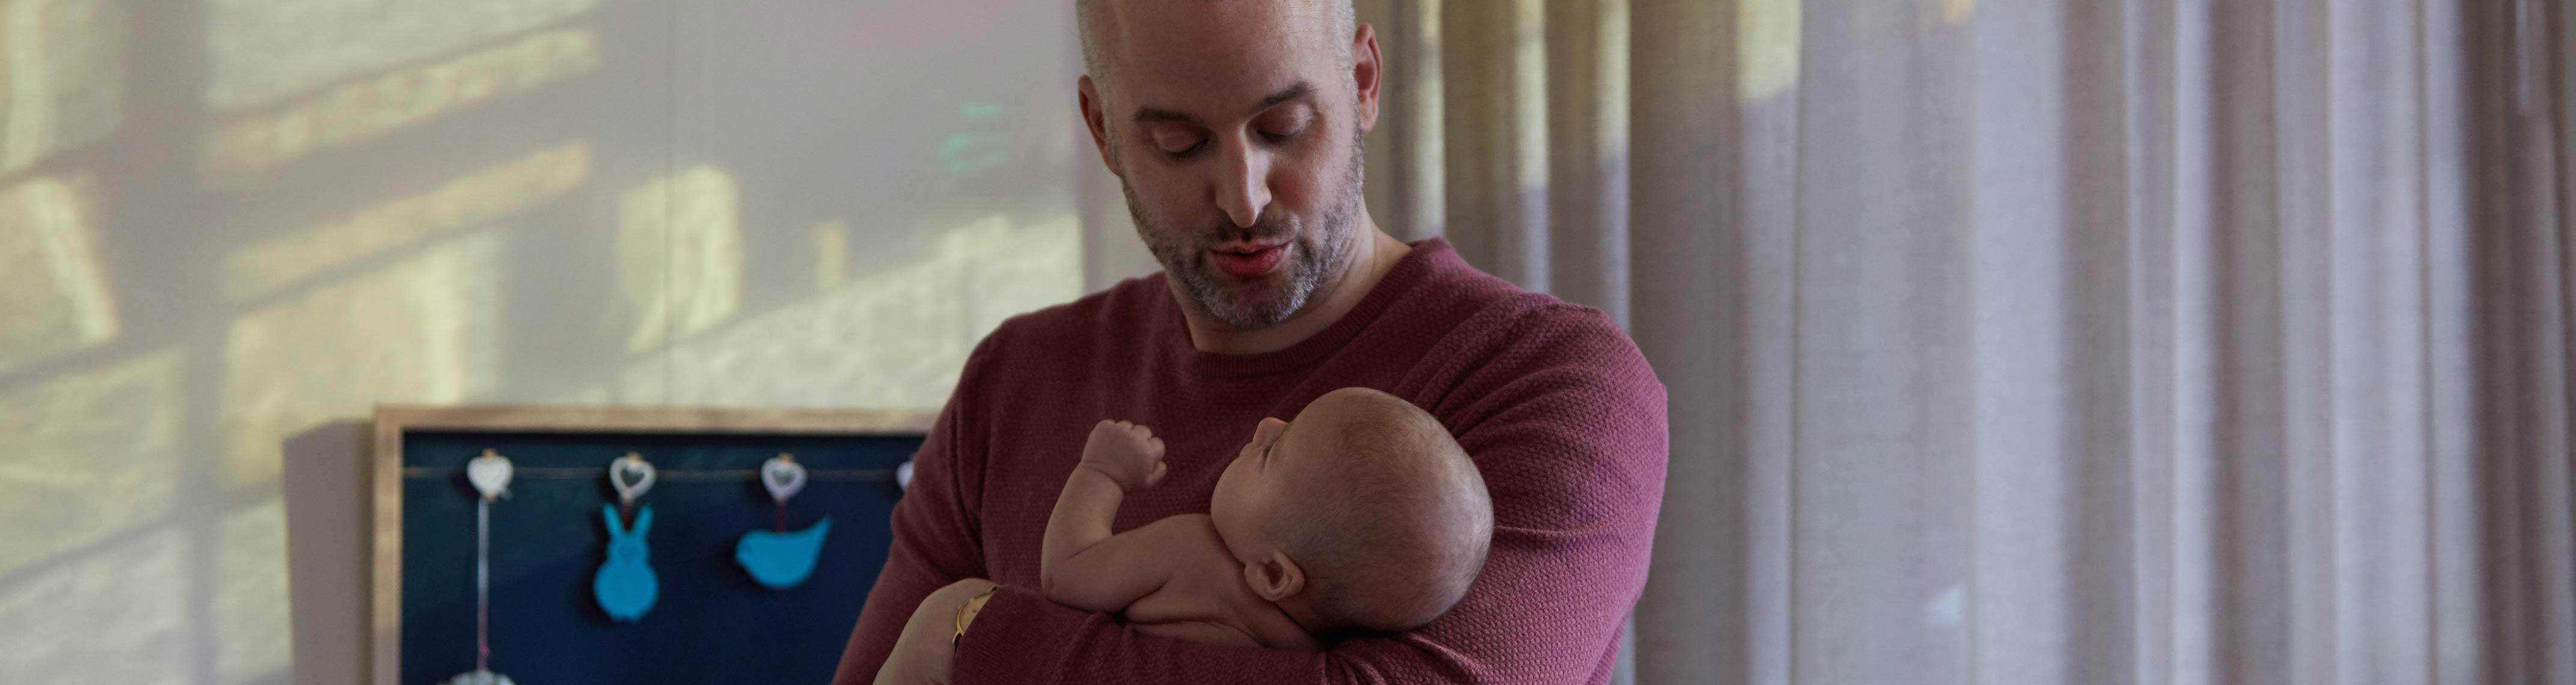 Pai com bebê no colo